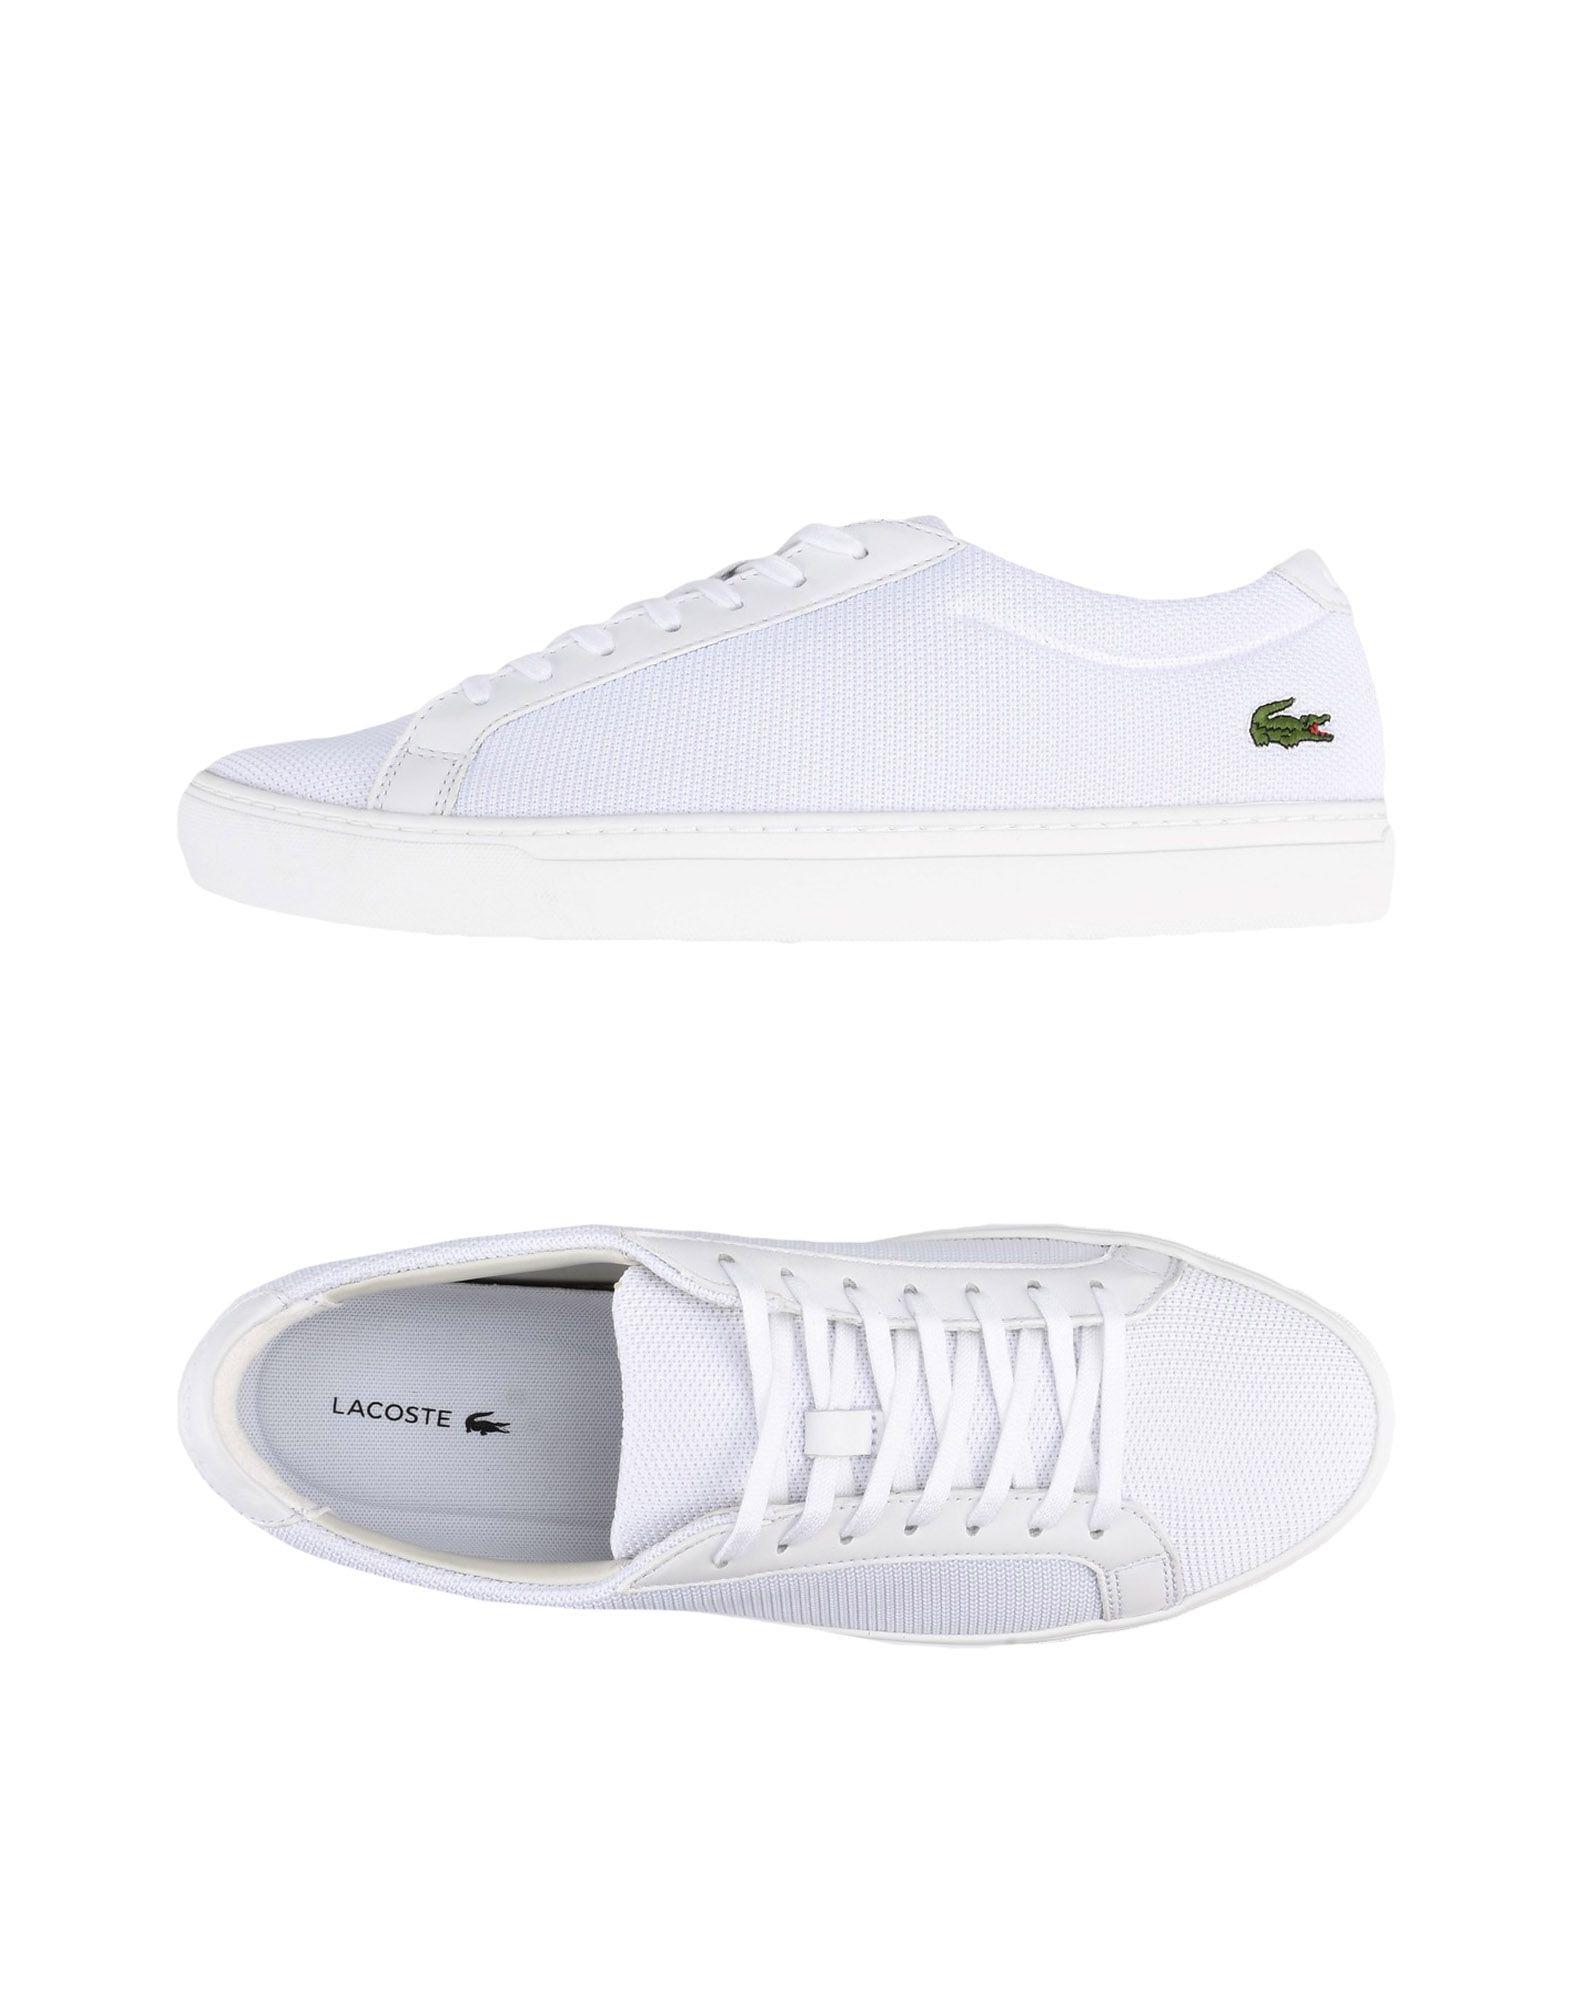 Sneakers Lacoste L.12.12 Bl 2 - Homme - Sneakers Lacoste  Blanc Nouvelles chaussures pour hommes et femmes, remise limitée dans le temps